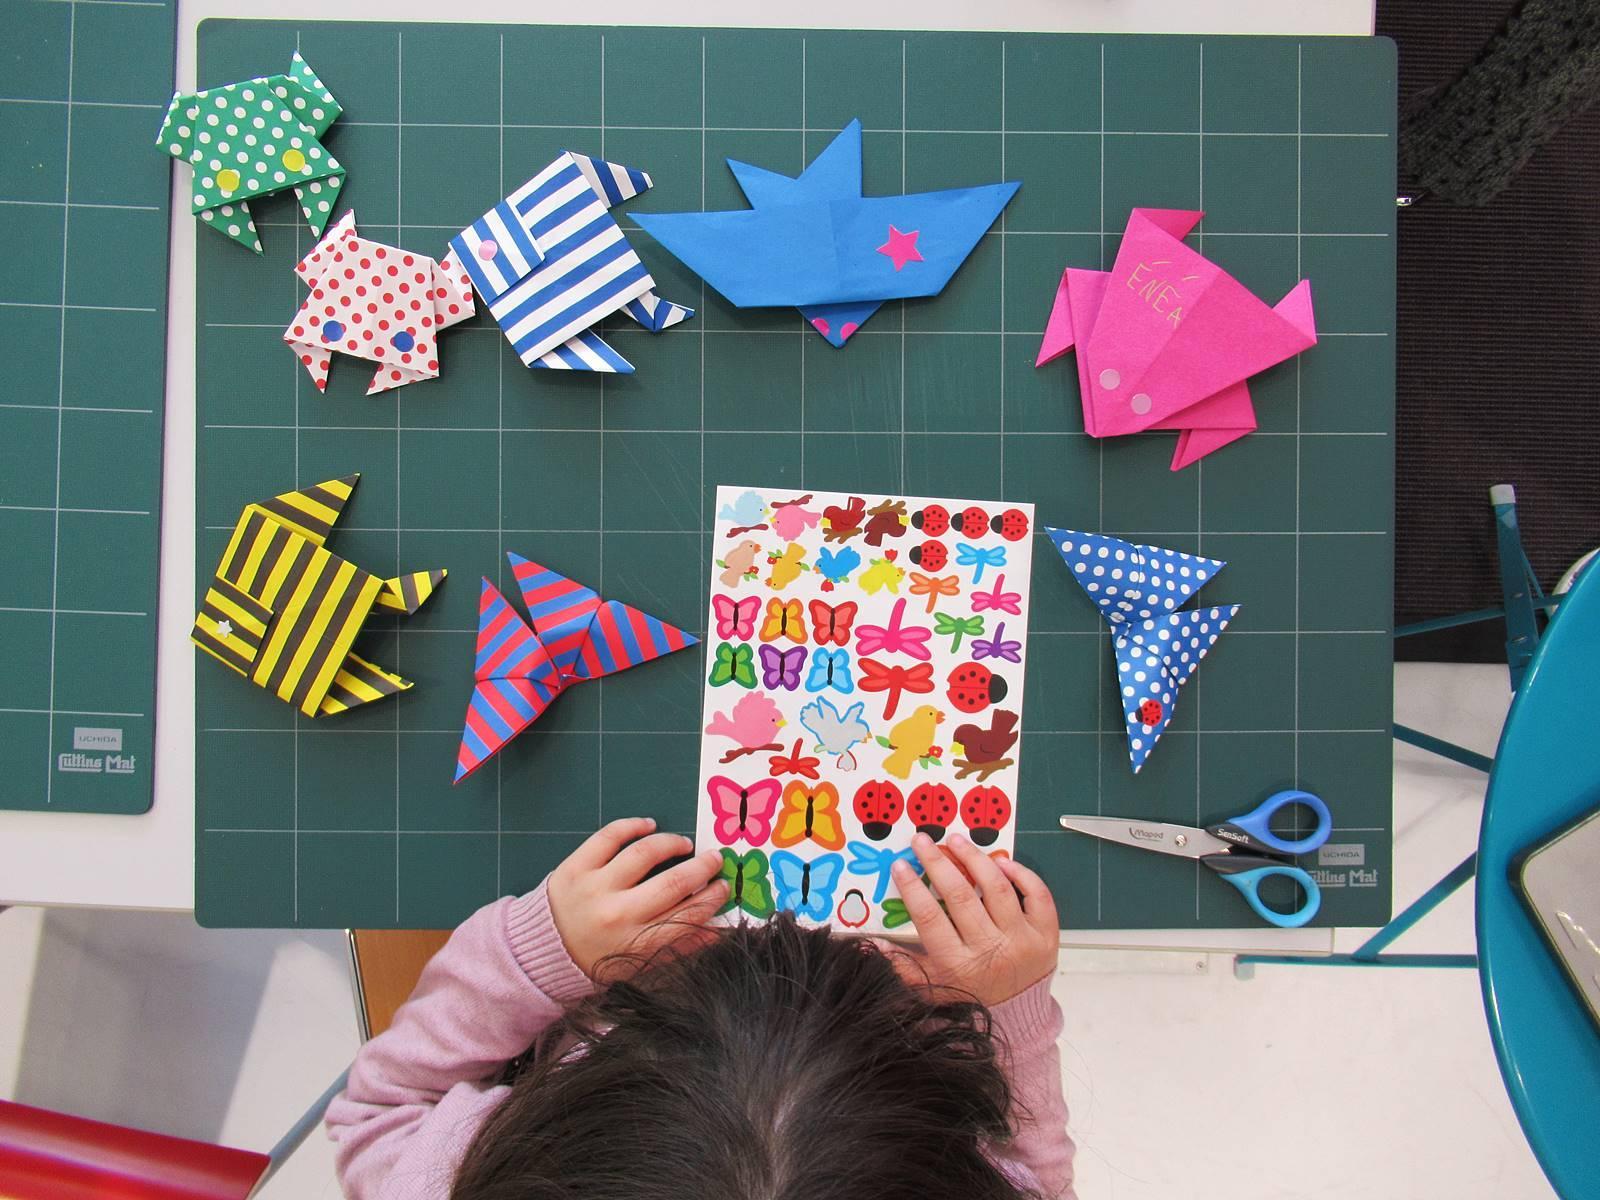 L origami comme par magie avis livre 2